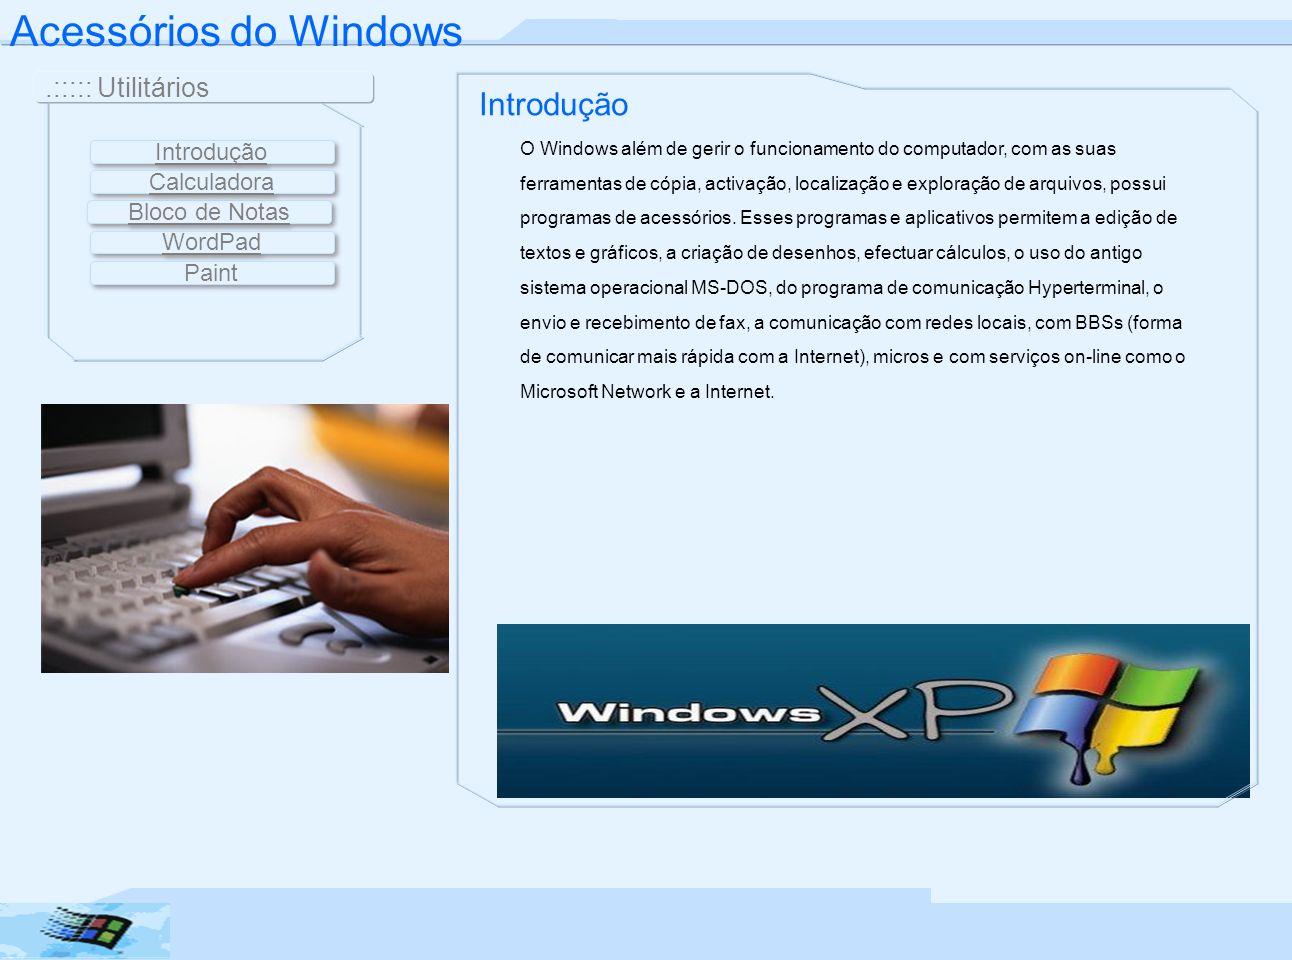 Calculadora Um dos acessórios mais utilizados no Windows, é a calculadora.